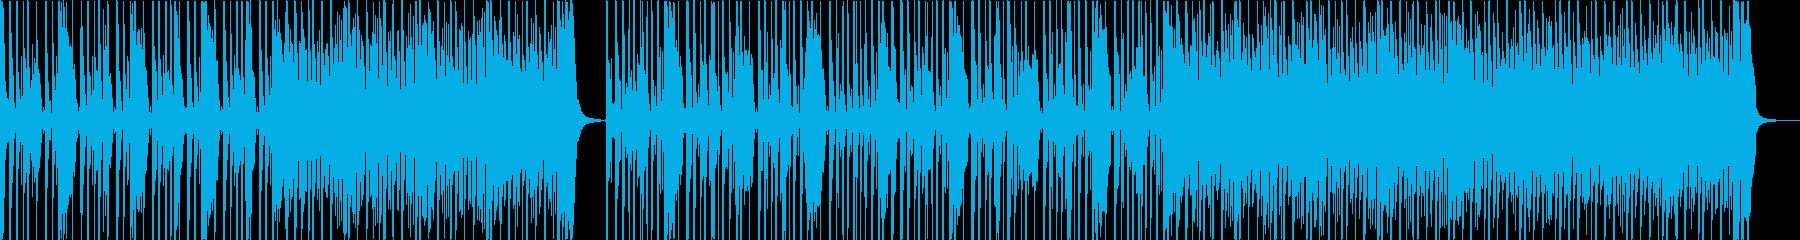 コミカルで楽しいポップなナンバーの再生済みの波形